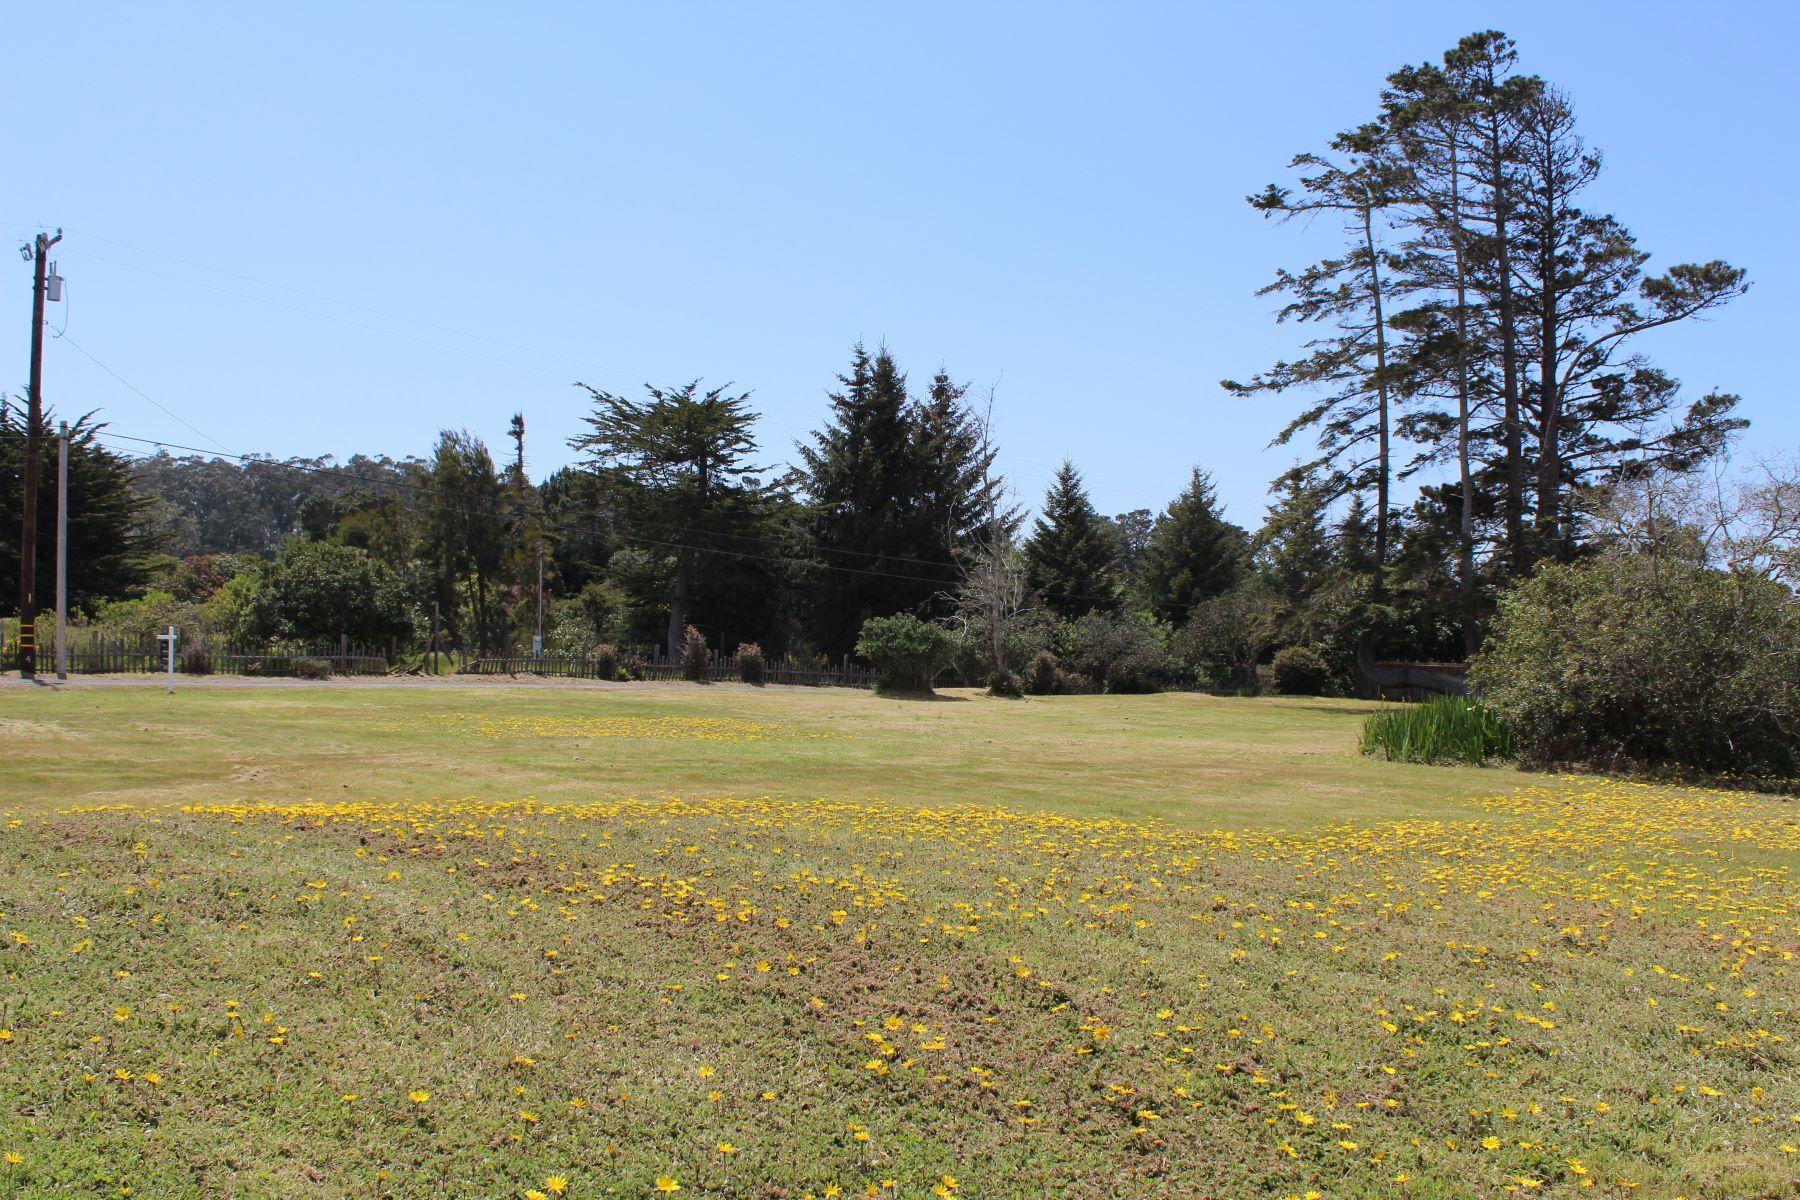 Terreno por un Venta en Coastal Gem 18312 N. Highway One Fort Bragg, California 95437 Estados Unidos